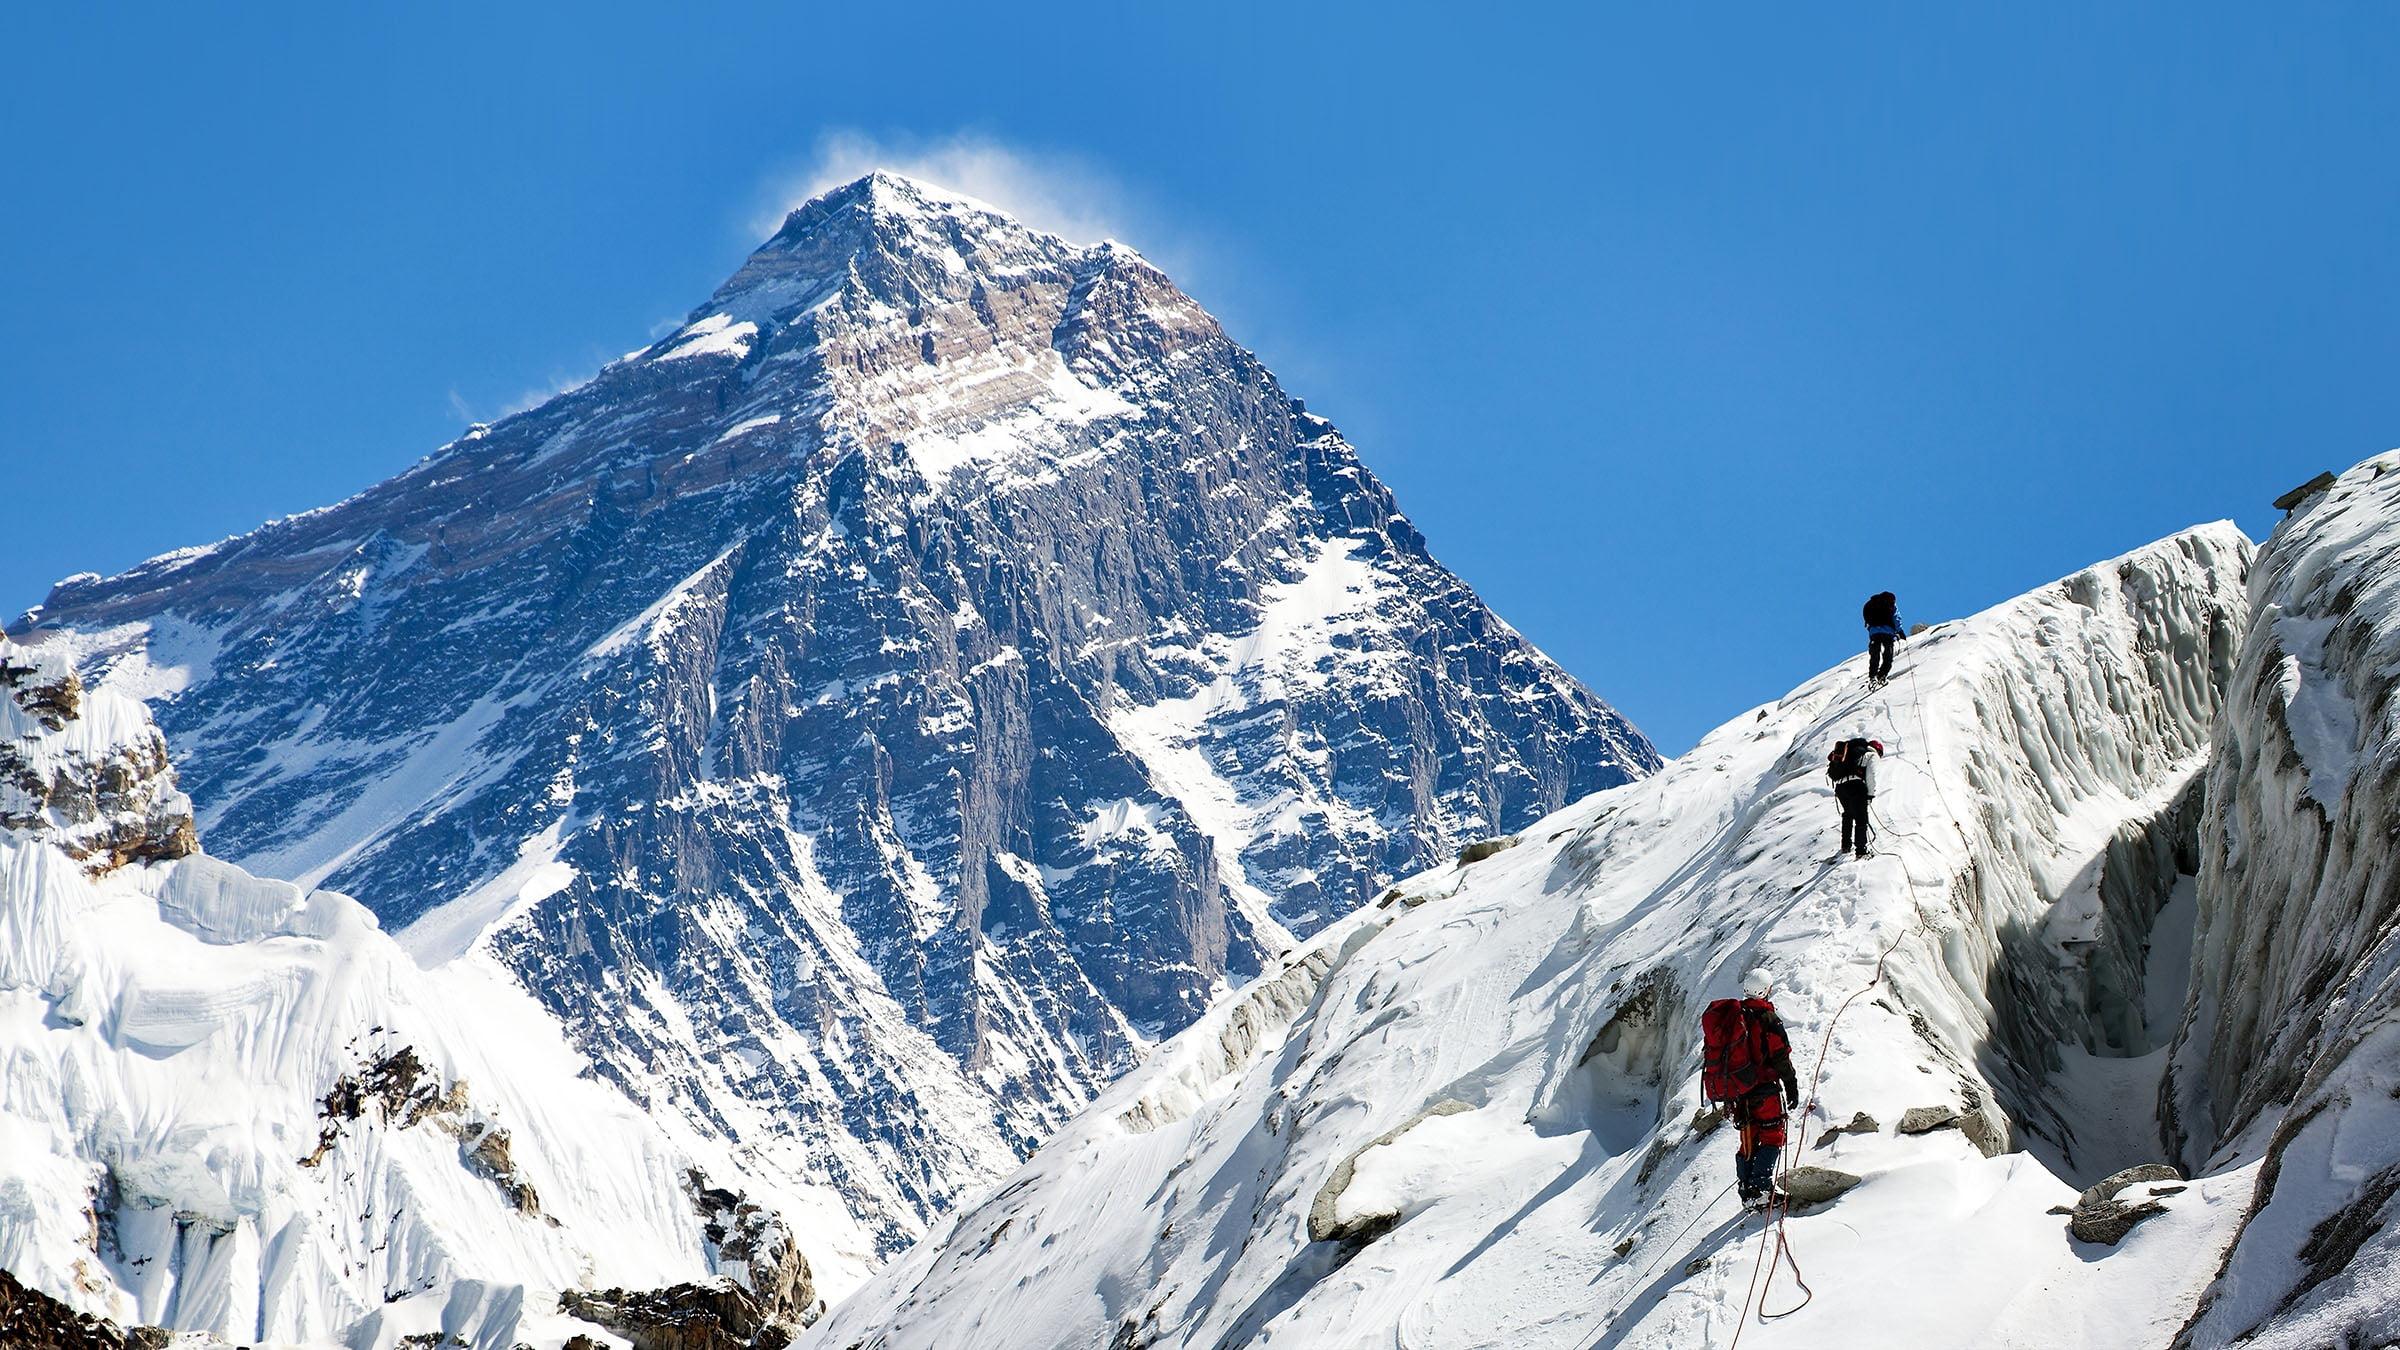 Las 7 maravillas naturales del mundo monte Everest